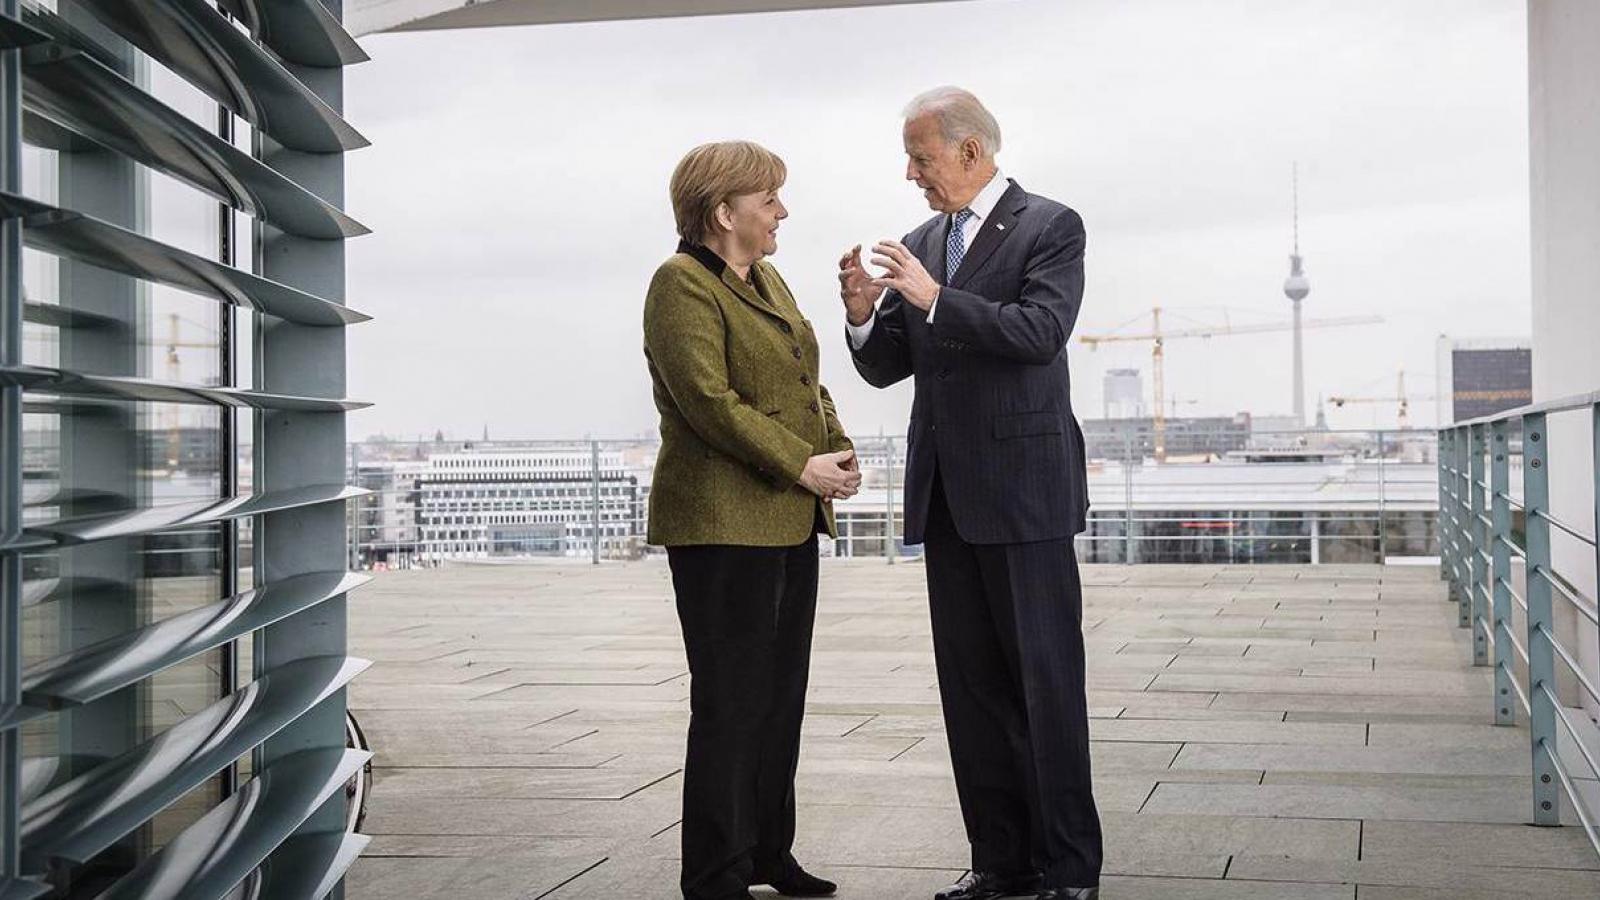 """Lợi dụng sai lầm của Trung Quốc, Biden """"lùi 1 bước để tiến 3 bước"""" với châu Âu"""